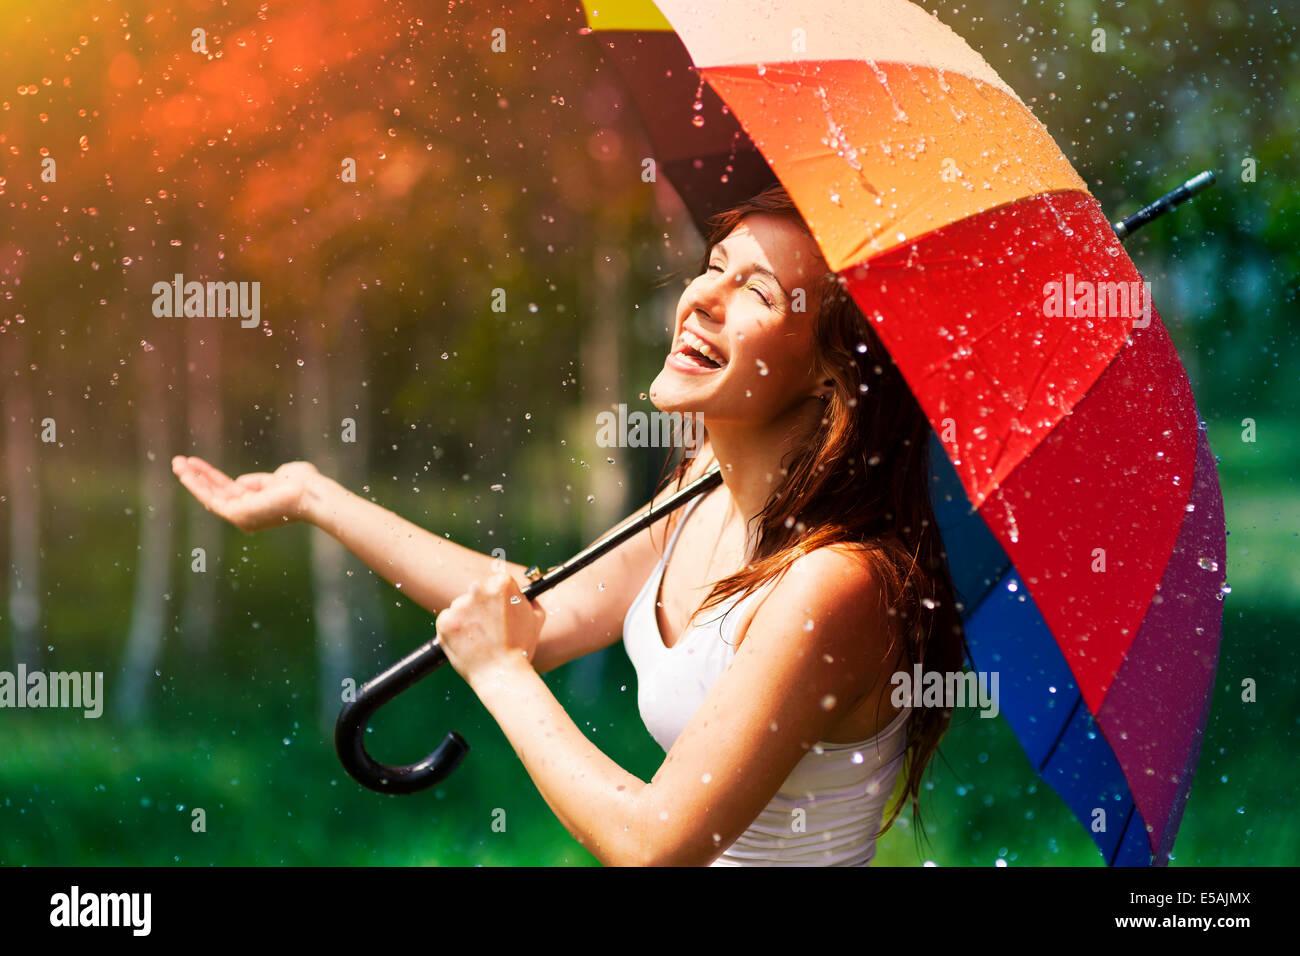 Laughing woman with umbrella contrôler pour la pluie, Debica, Pologne Banque D'Images